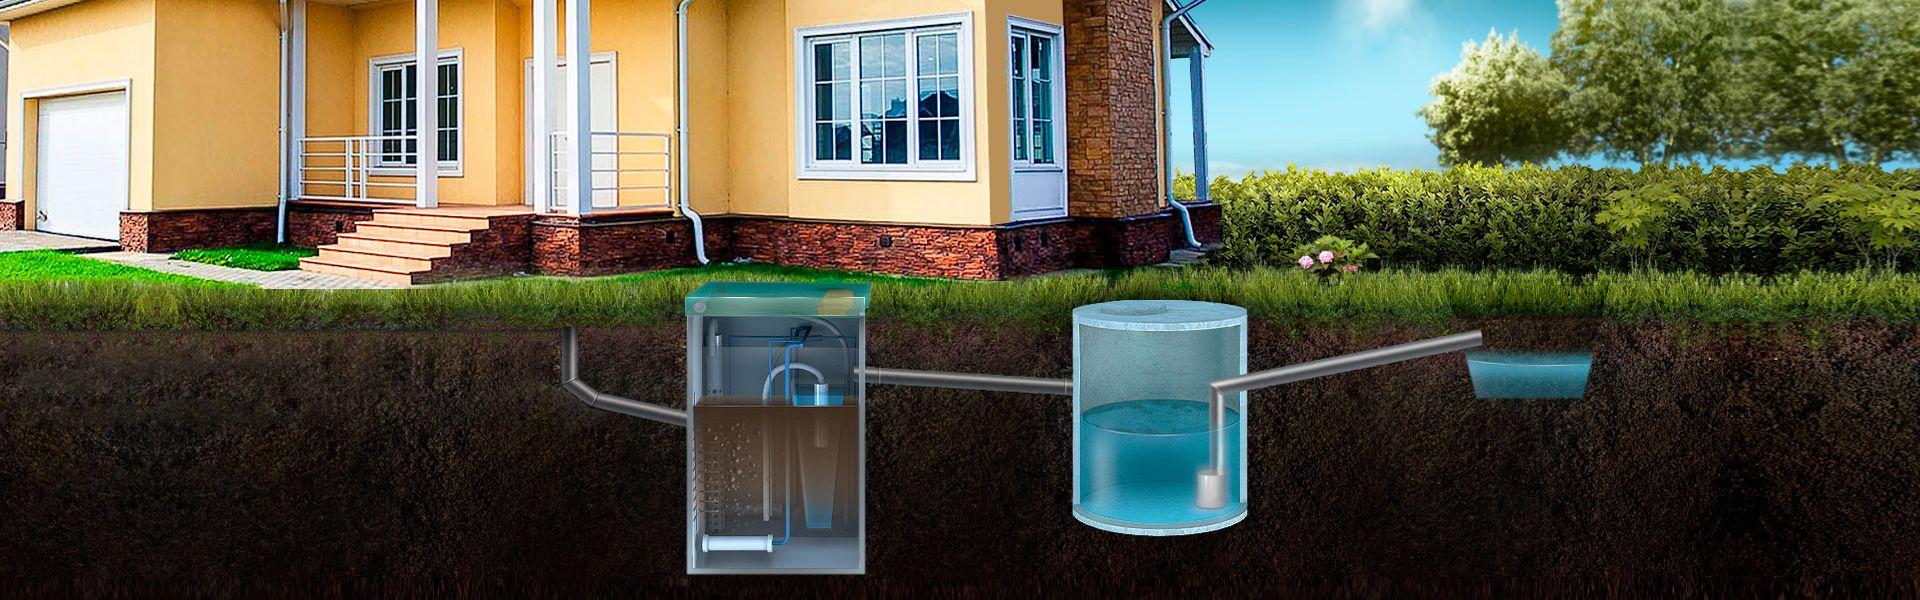 Автономная канализация топас: модификации и принцип работы